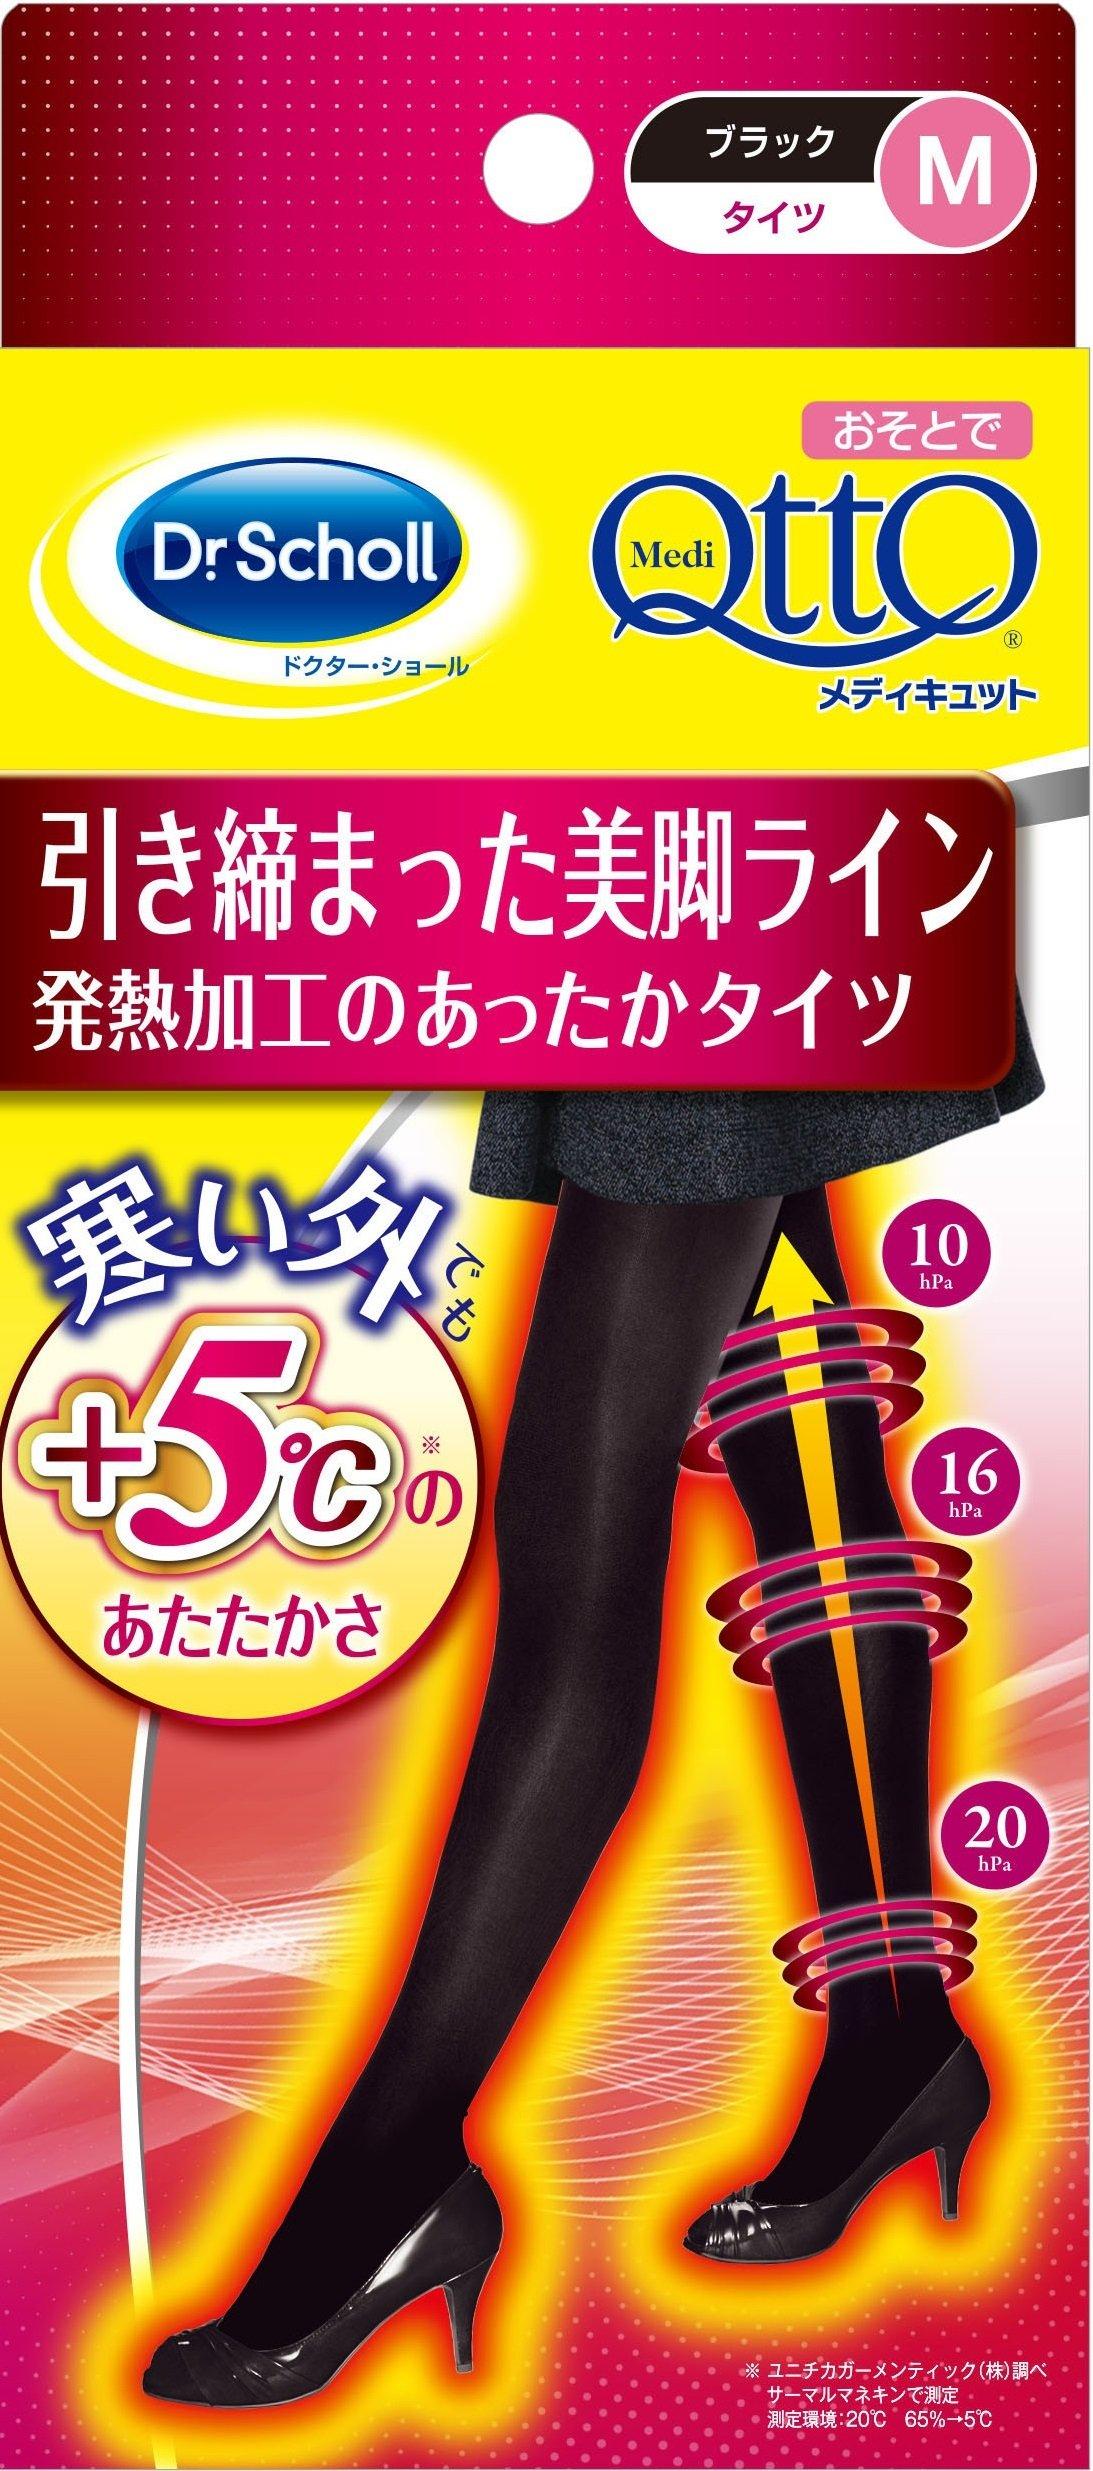 Dr.Scholl MediQtto 压紧裤袜 会发热 黑色 M 保暖保温效果 修身美腿线